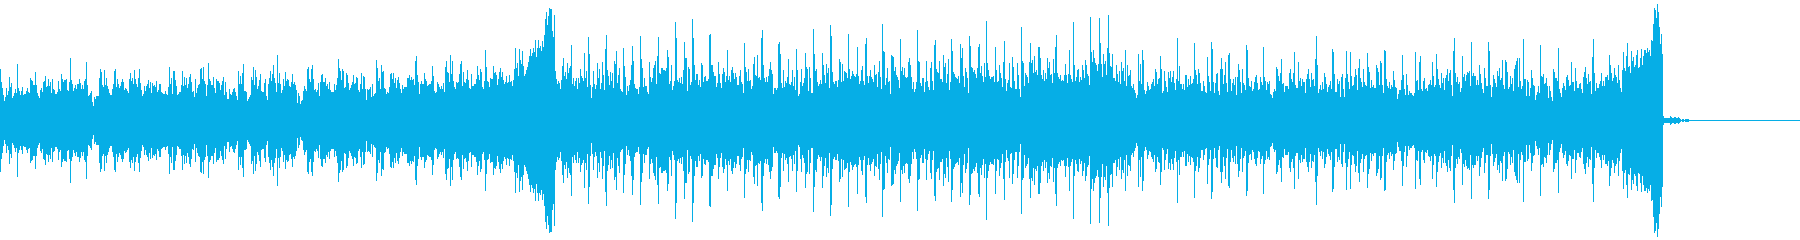 シンセ中心の軽快なポップスの再生済みの波形